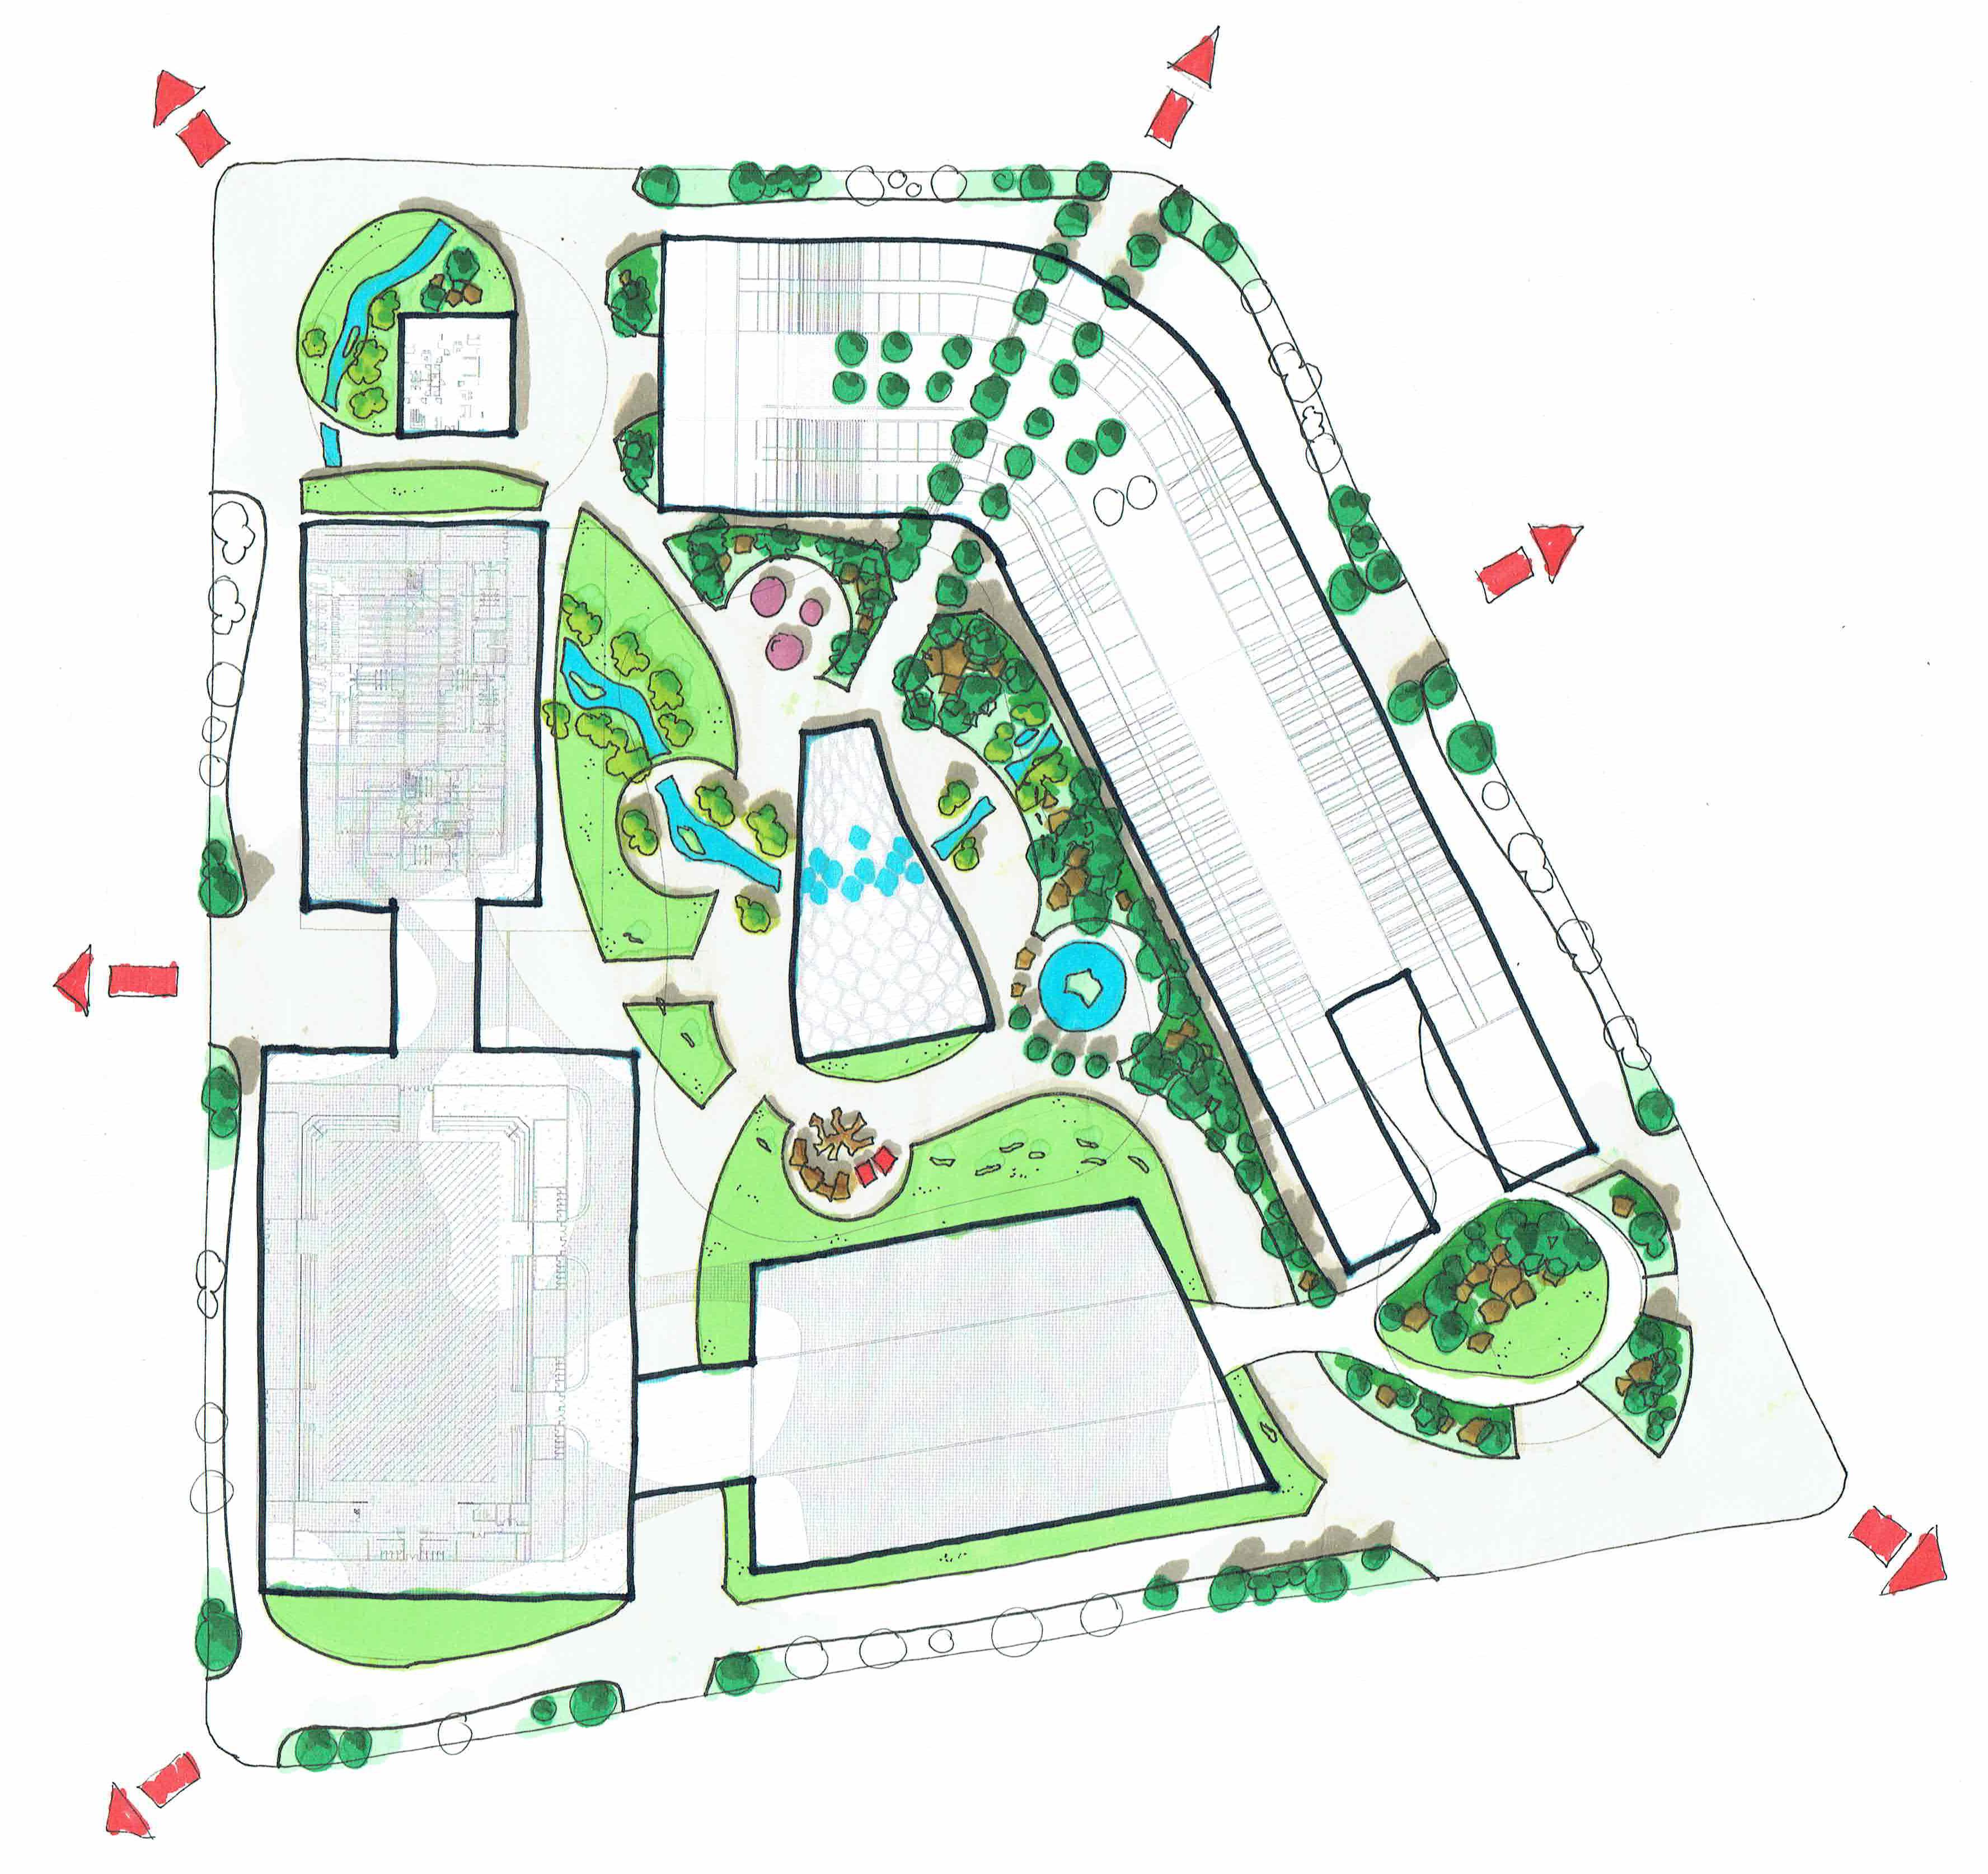 Landscaping Management Plan : Landscape projects